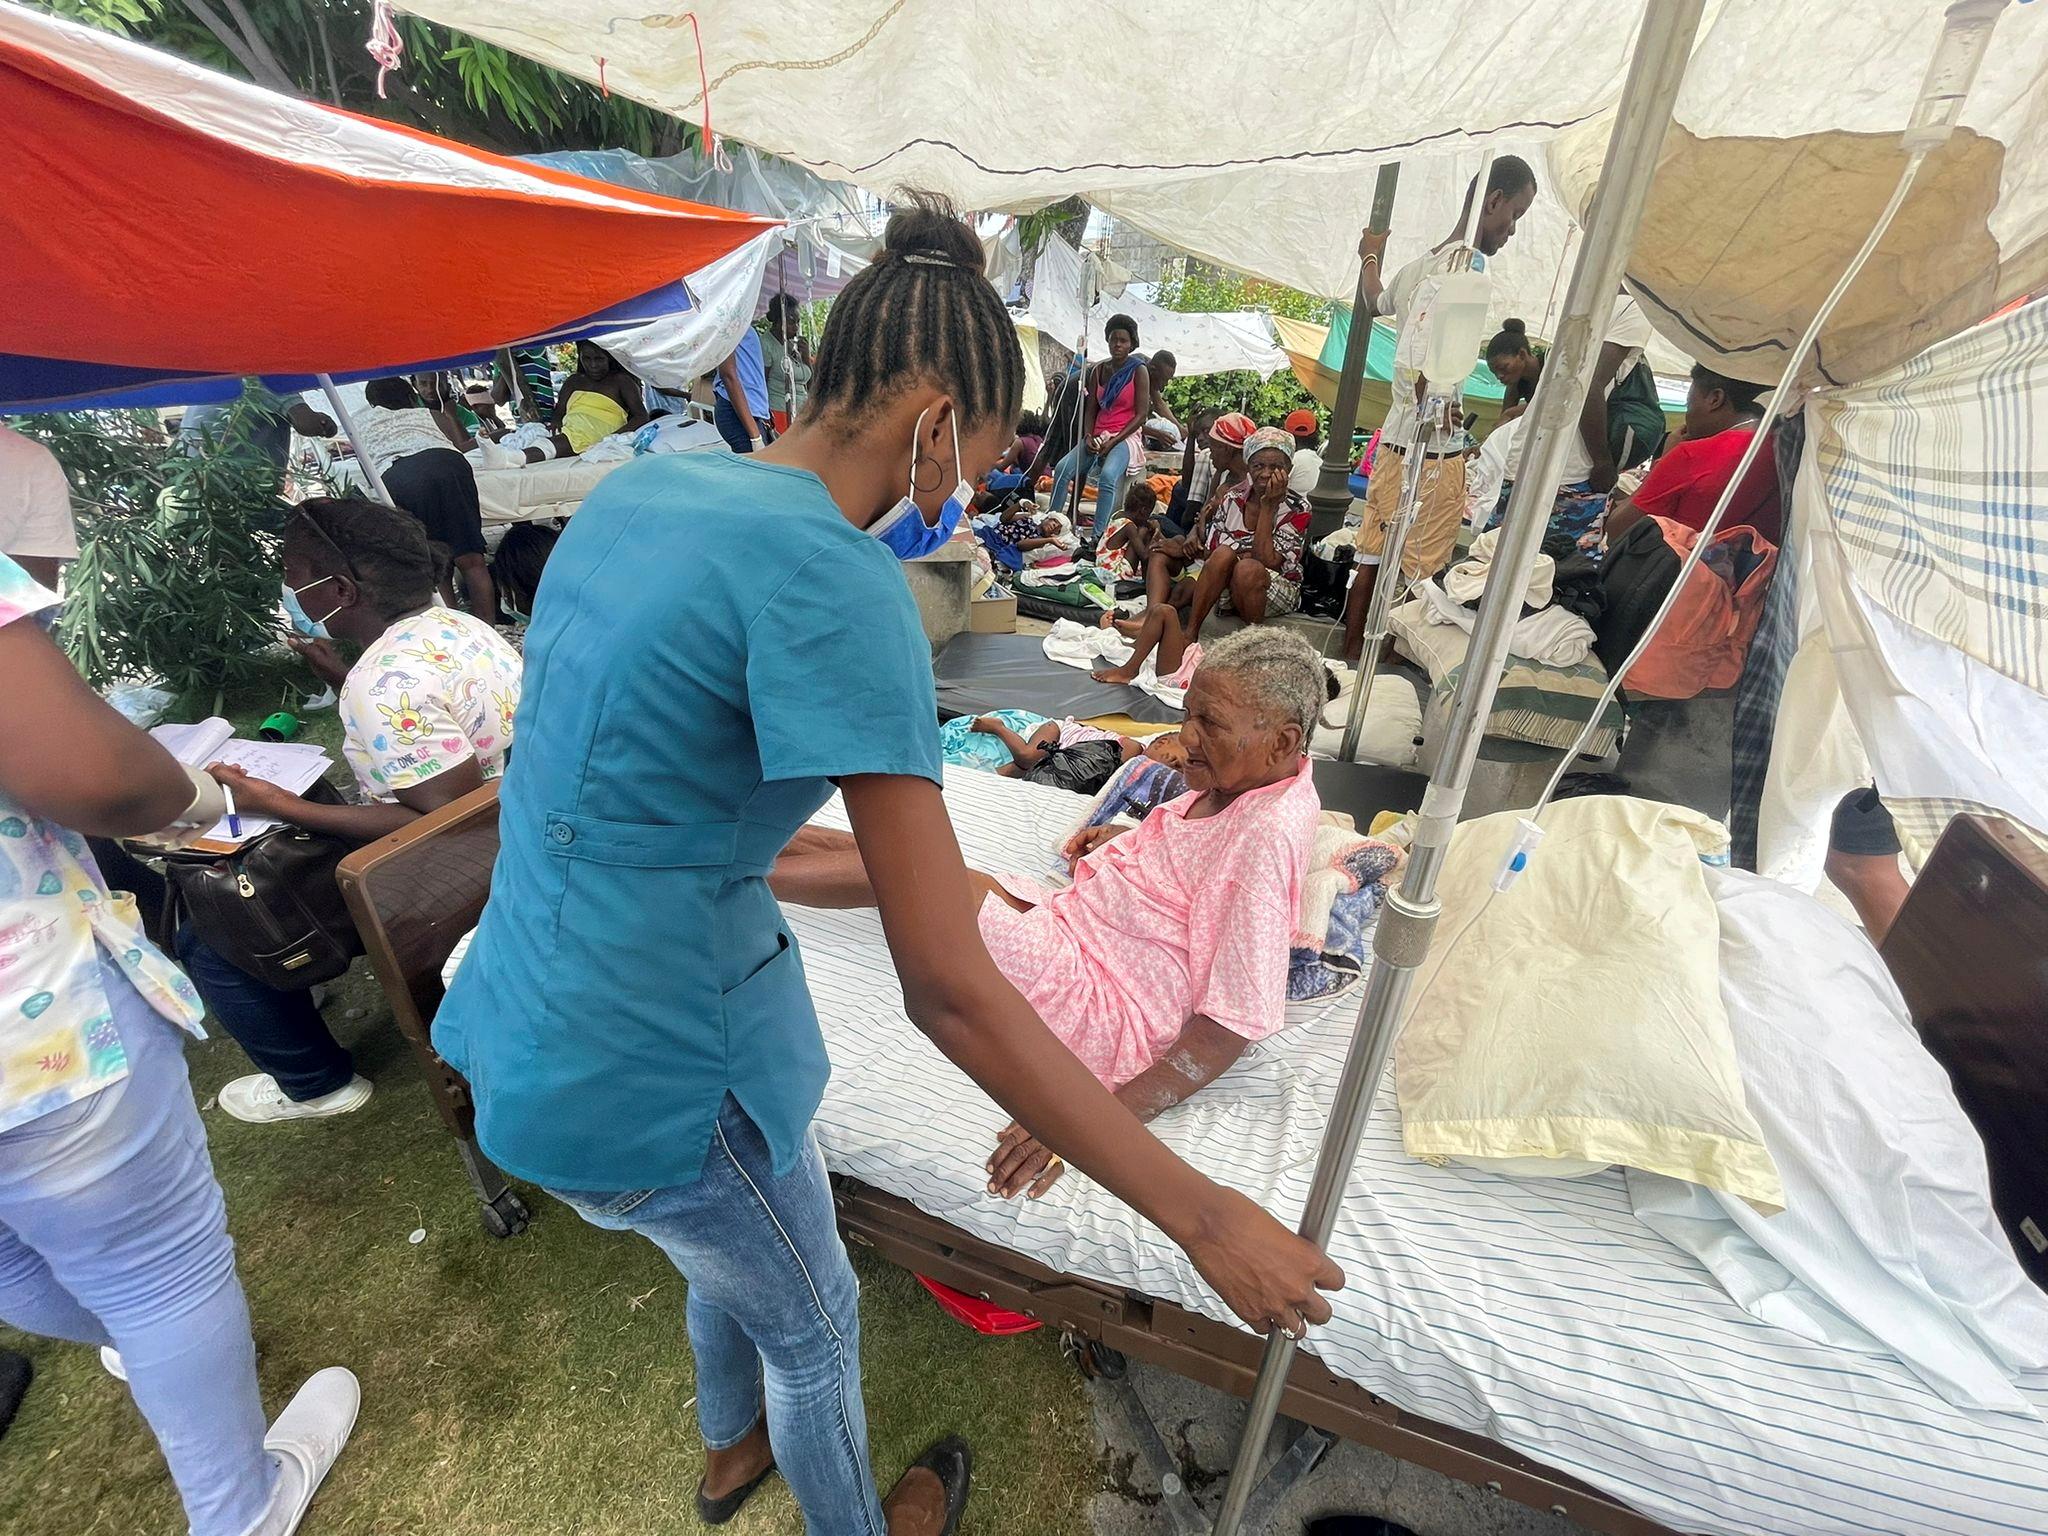 Σεισμός Αϊτή: Γιατροί δίνουν μάχη για τη ζωή χιλιάδων τραυματιών μέσα σε σκηνές